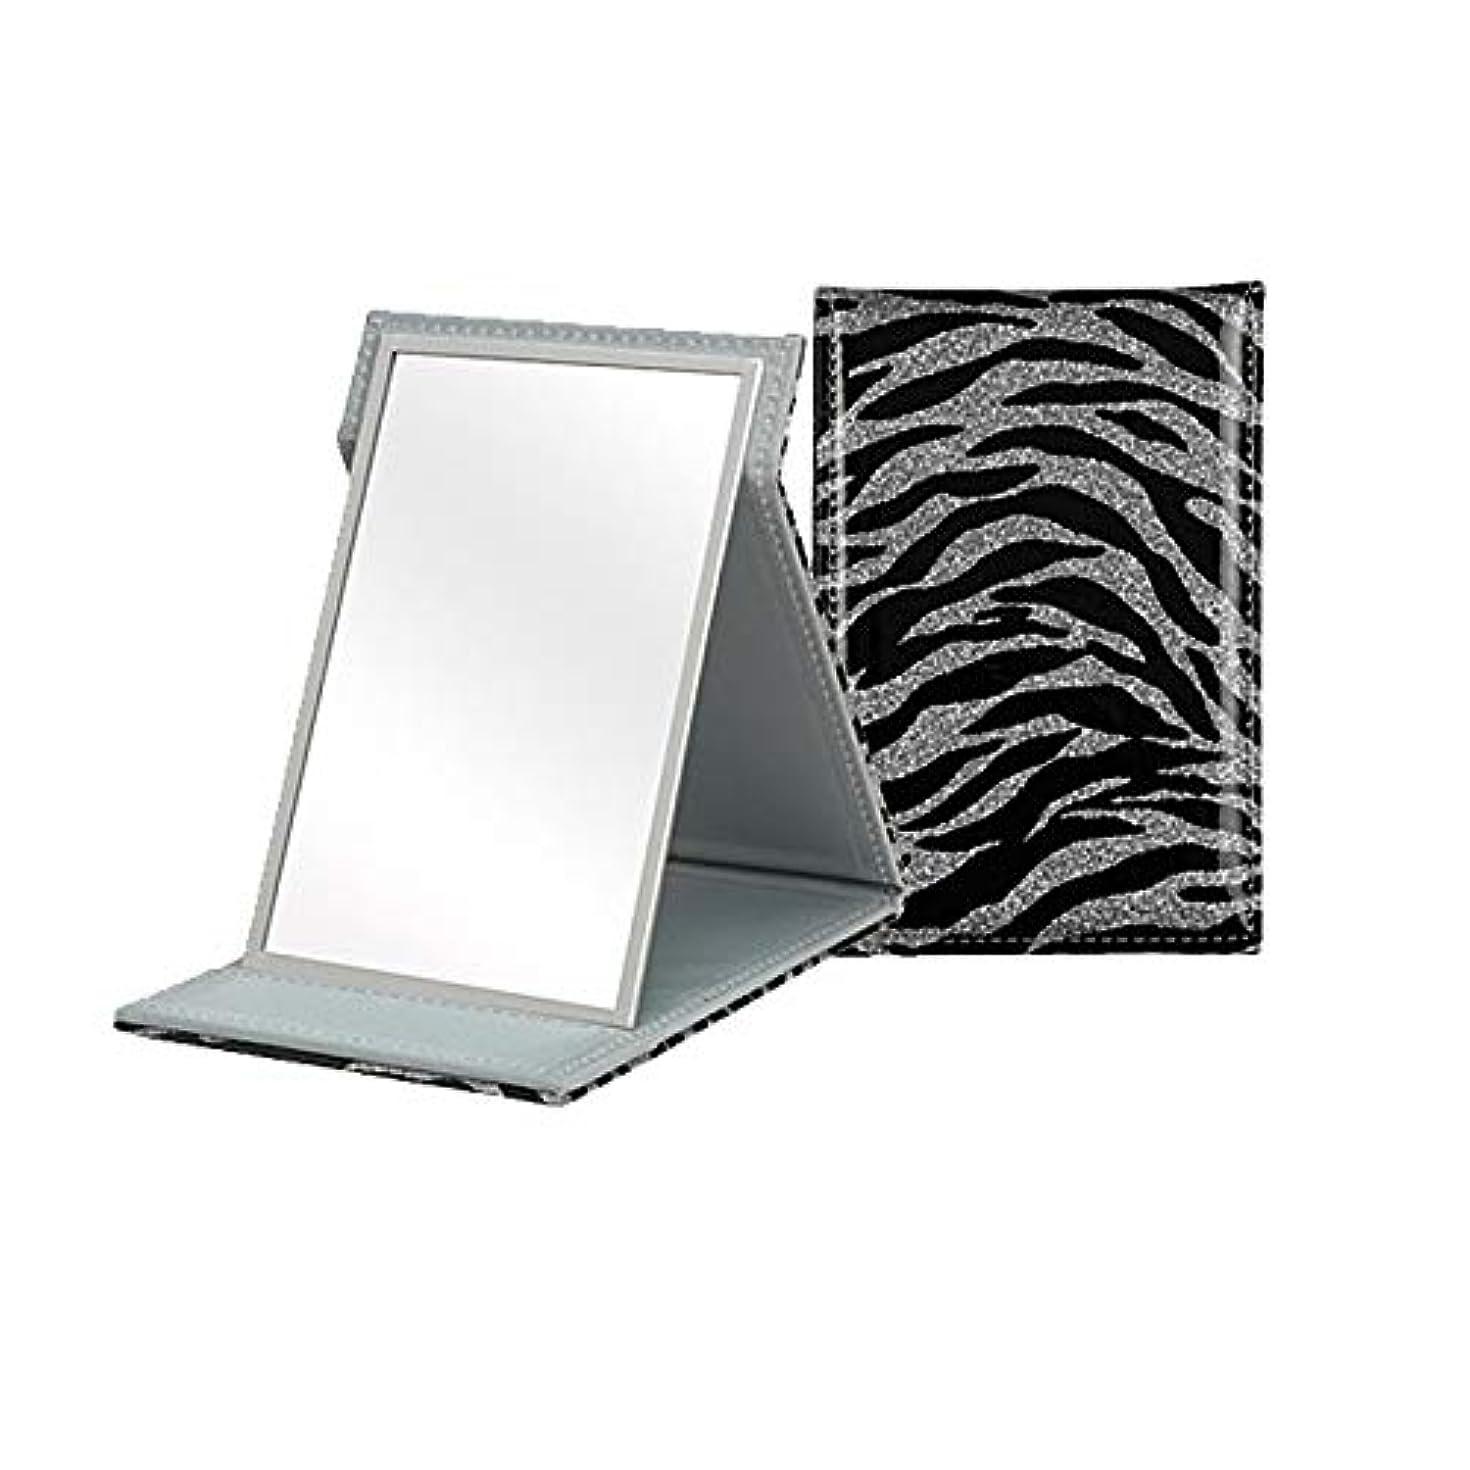 複製する牛うれしい手鏡 ミラー 折りたたみ 鏡 フォールディング カバー IMPACT インパクトS